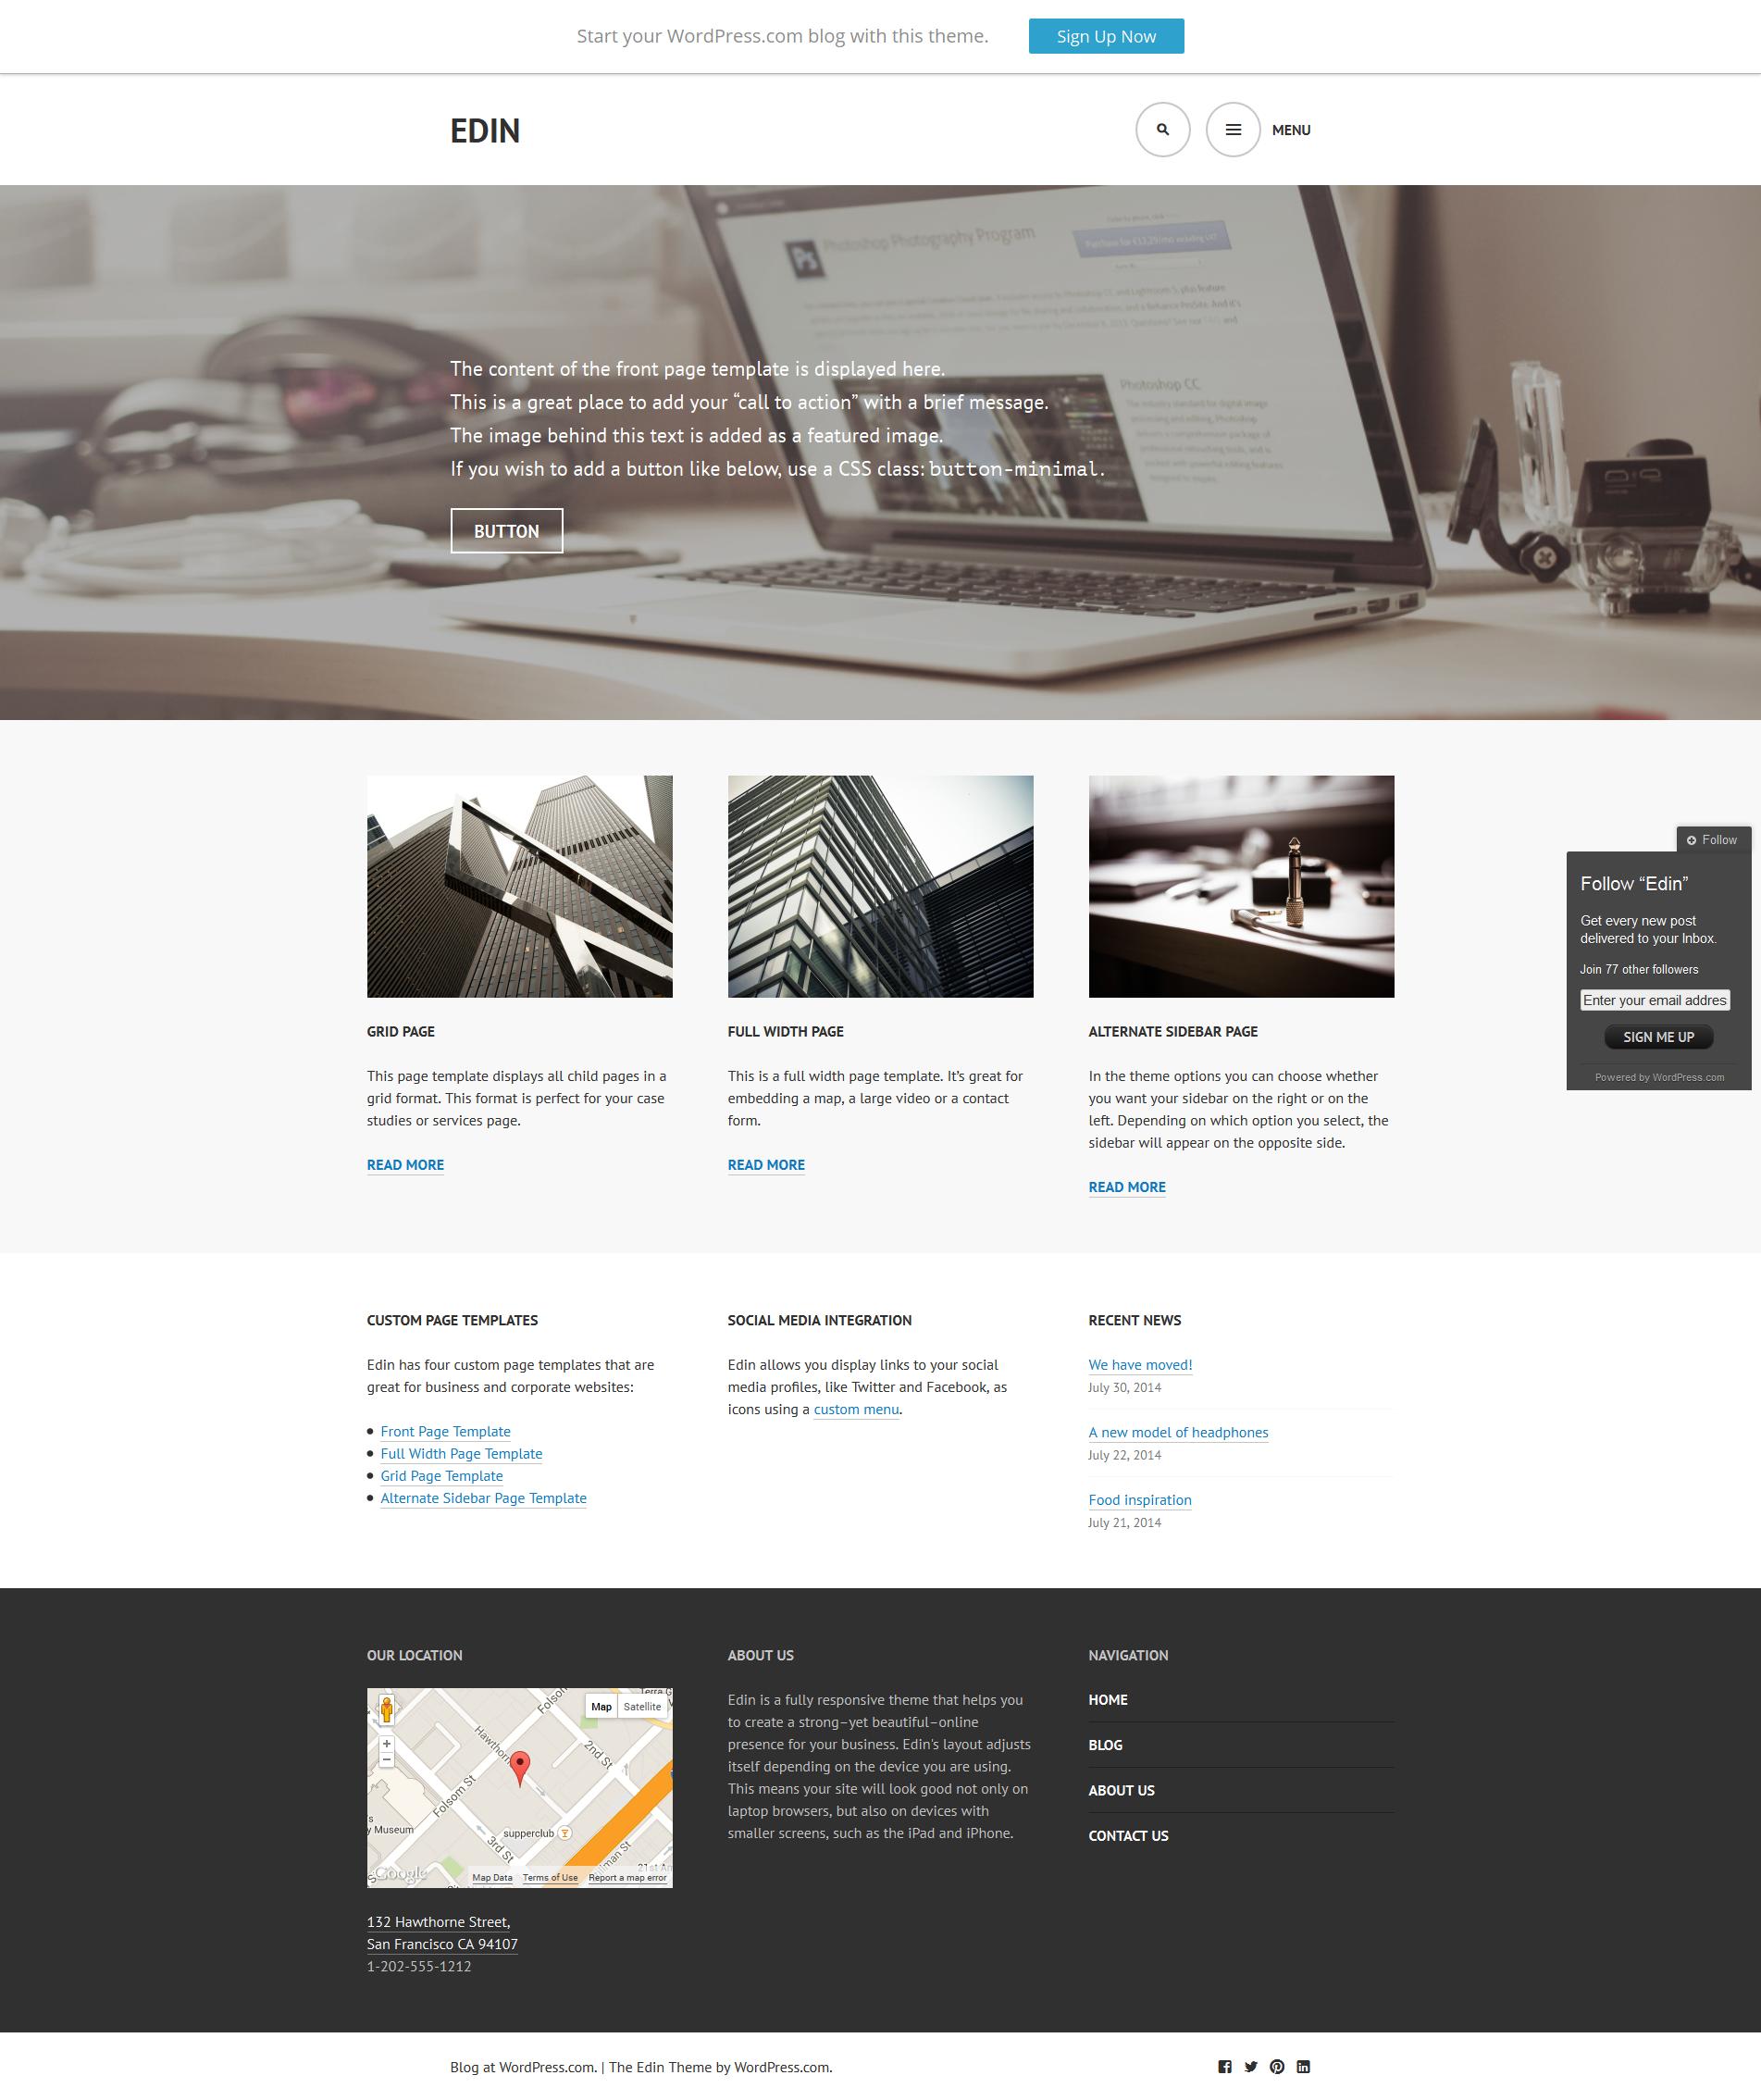 Free WordPress Theme: Edin | Doteasy WordPress Resources